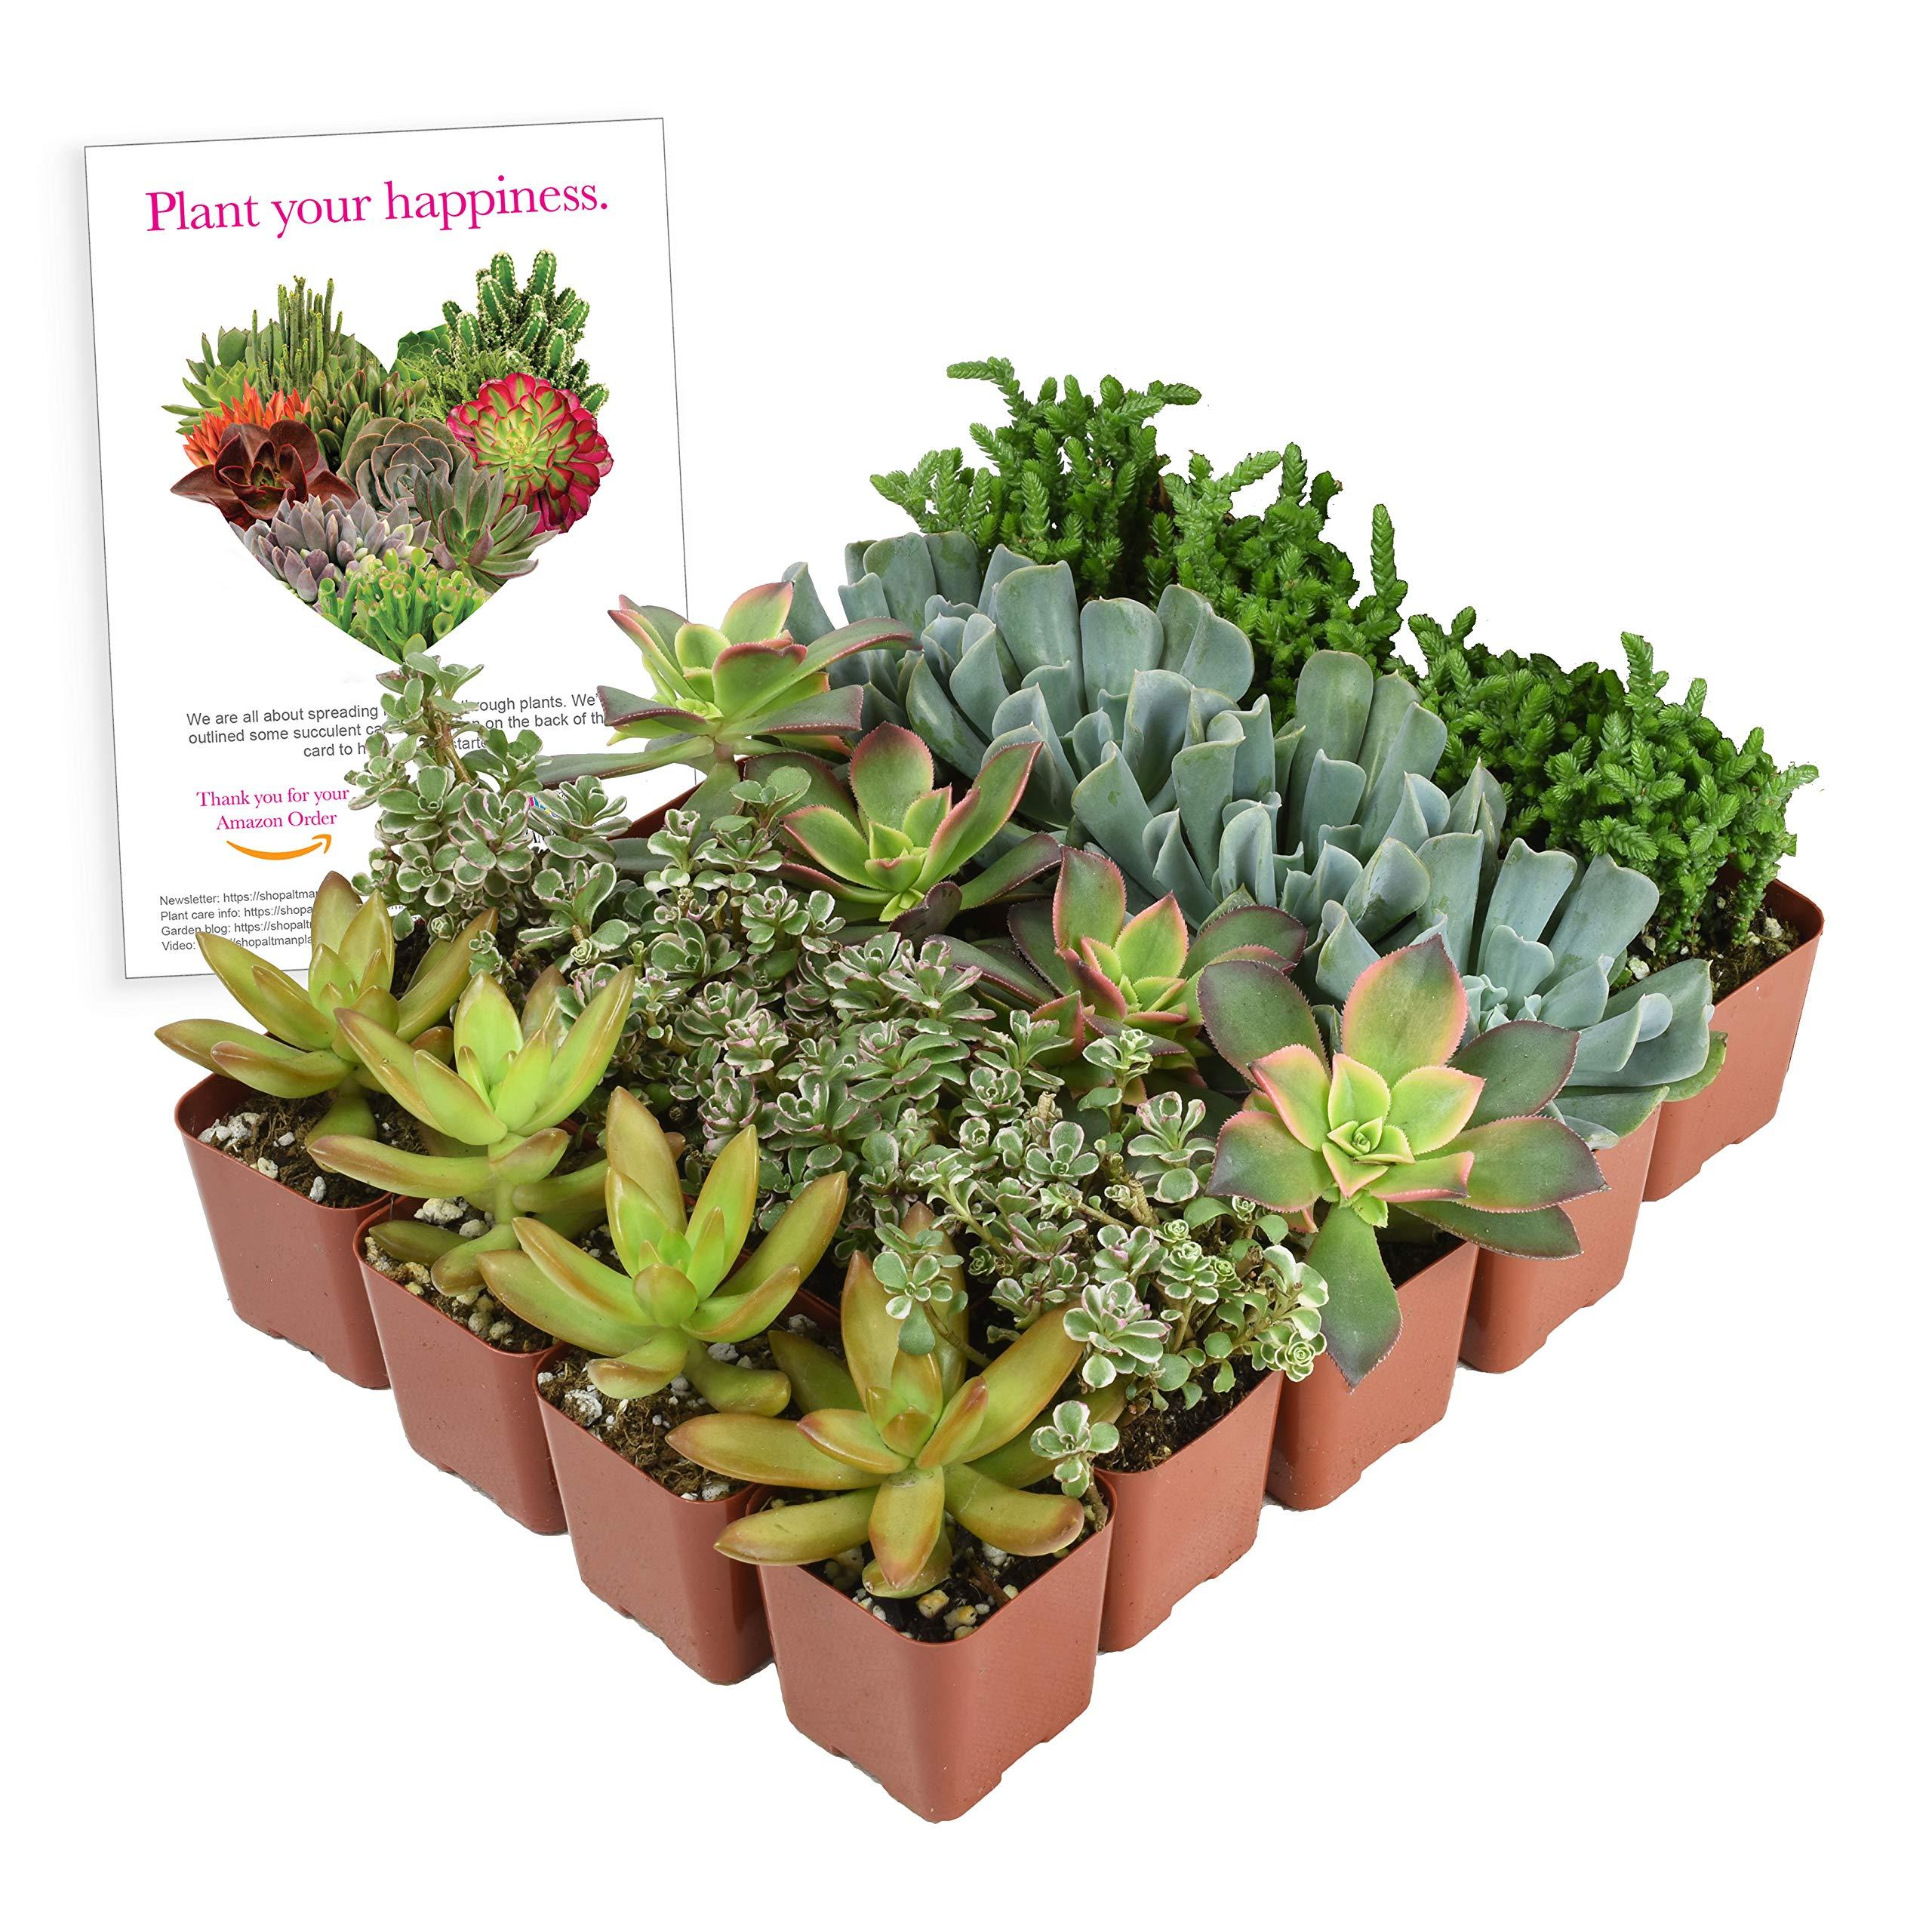 Altman Plants Mini Live Assorted Succulents Weddings, Party favors, DIY terrariums, Gifts 2'' 20 Pack by Altman Plants